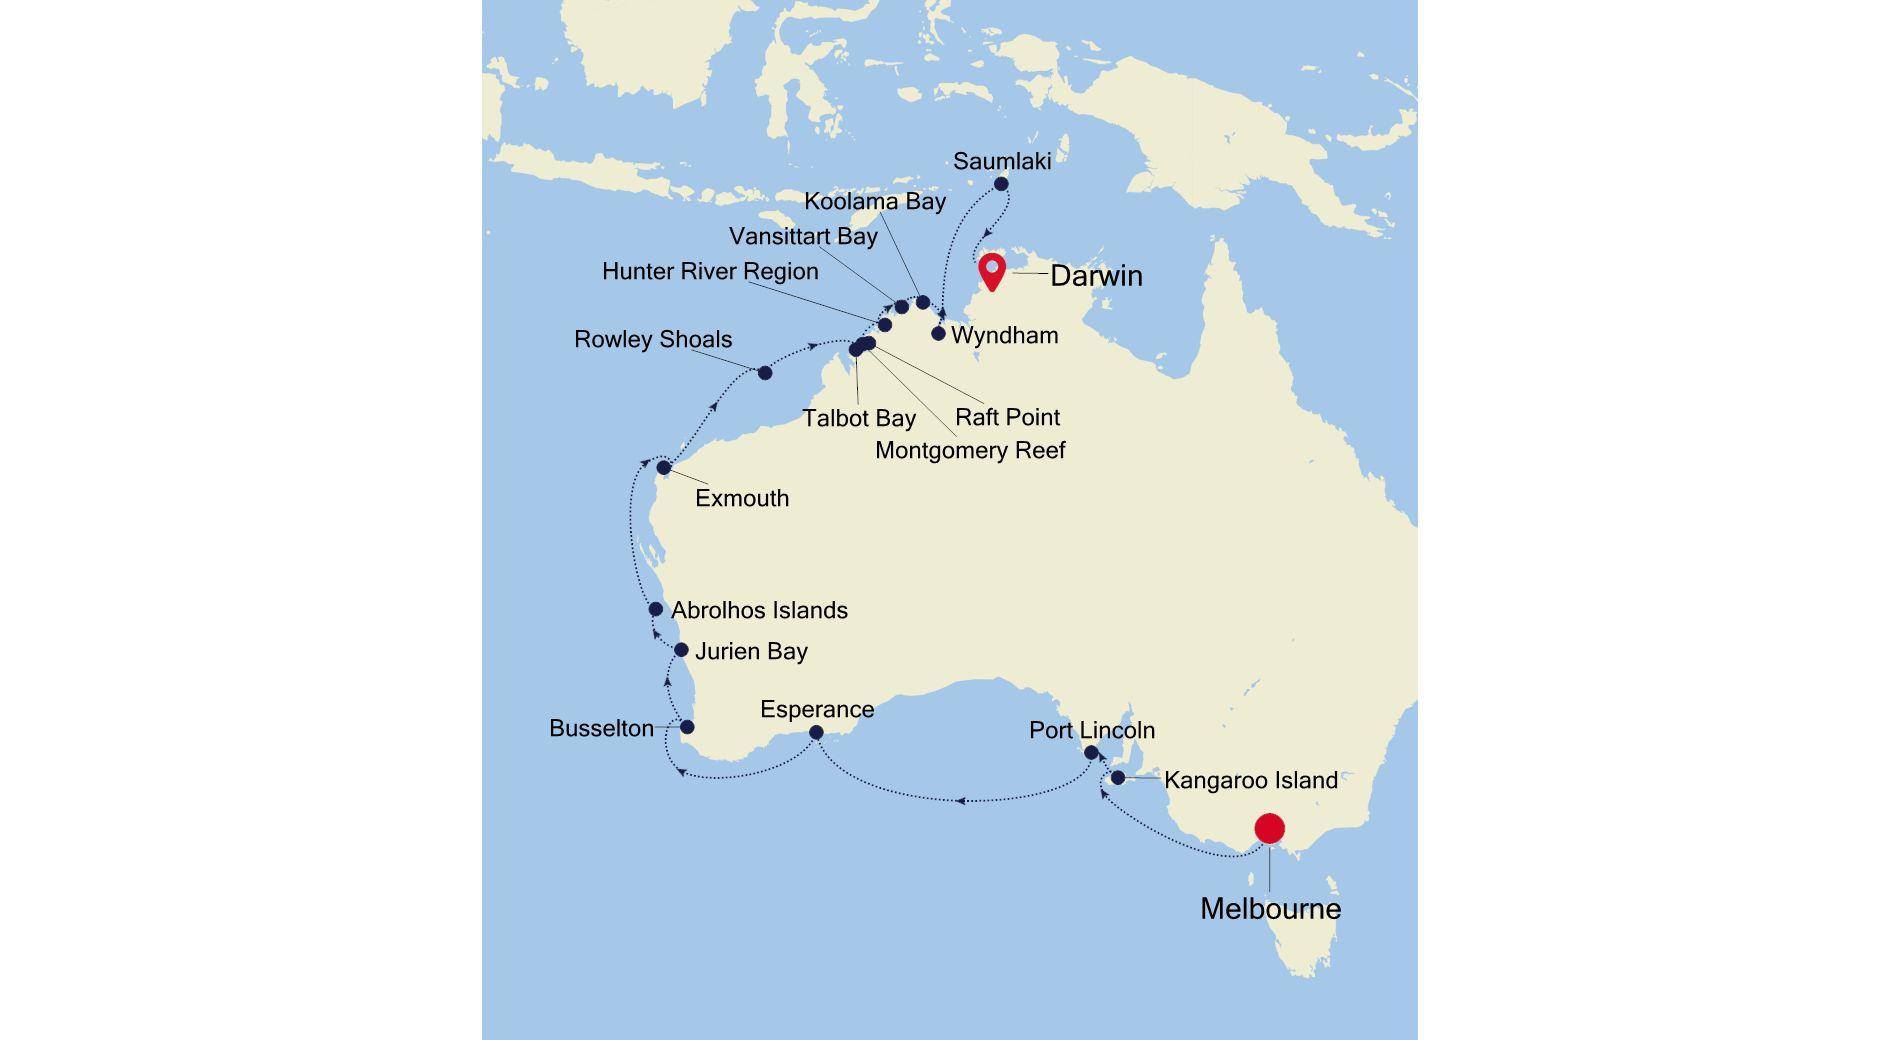 E1210224025 - Melbourne a Darwin